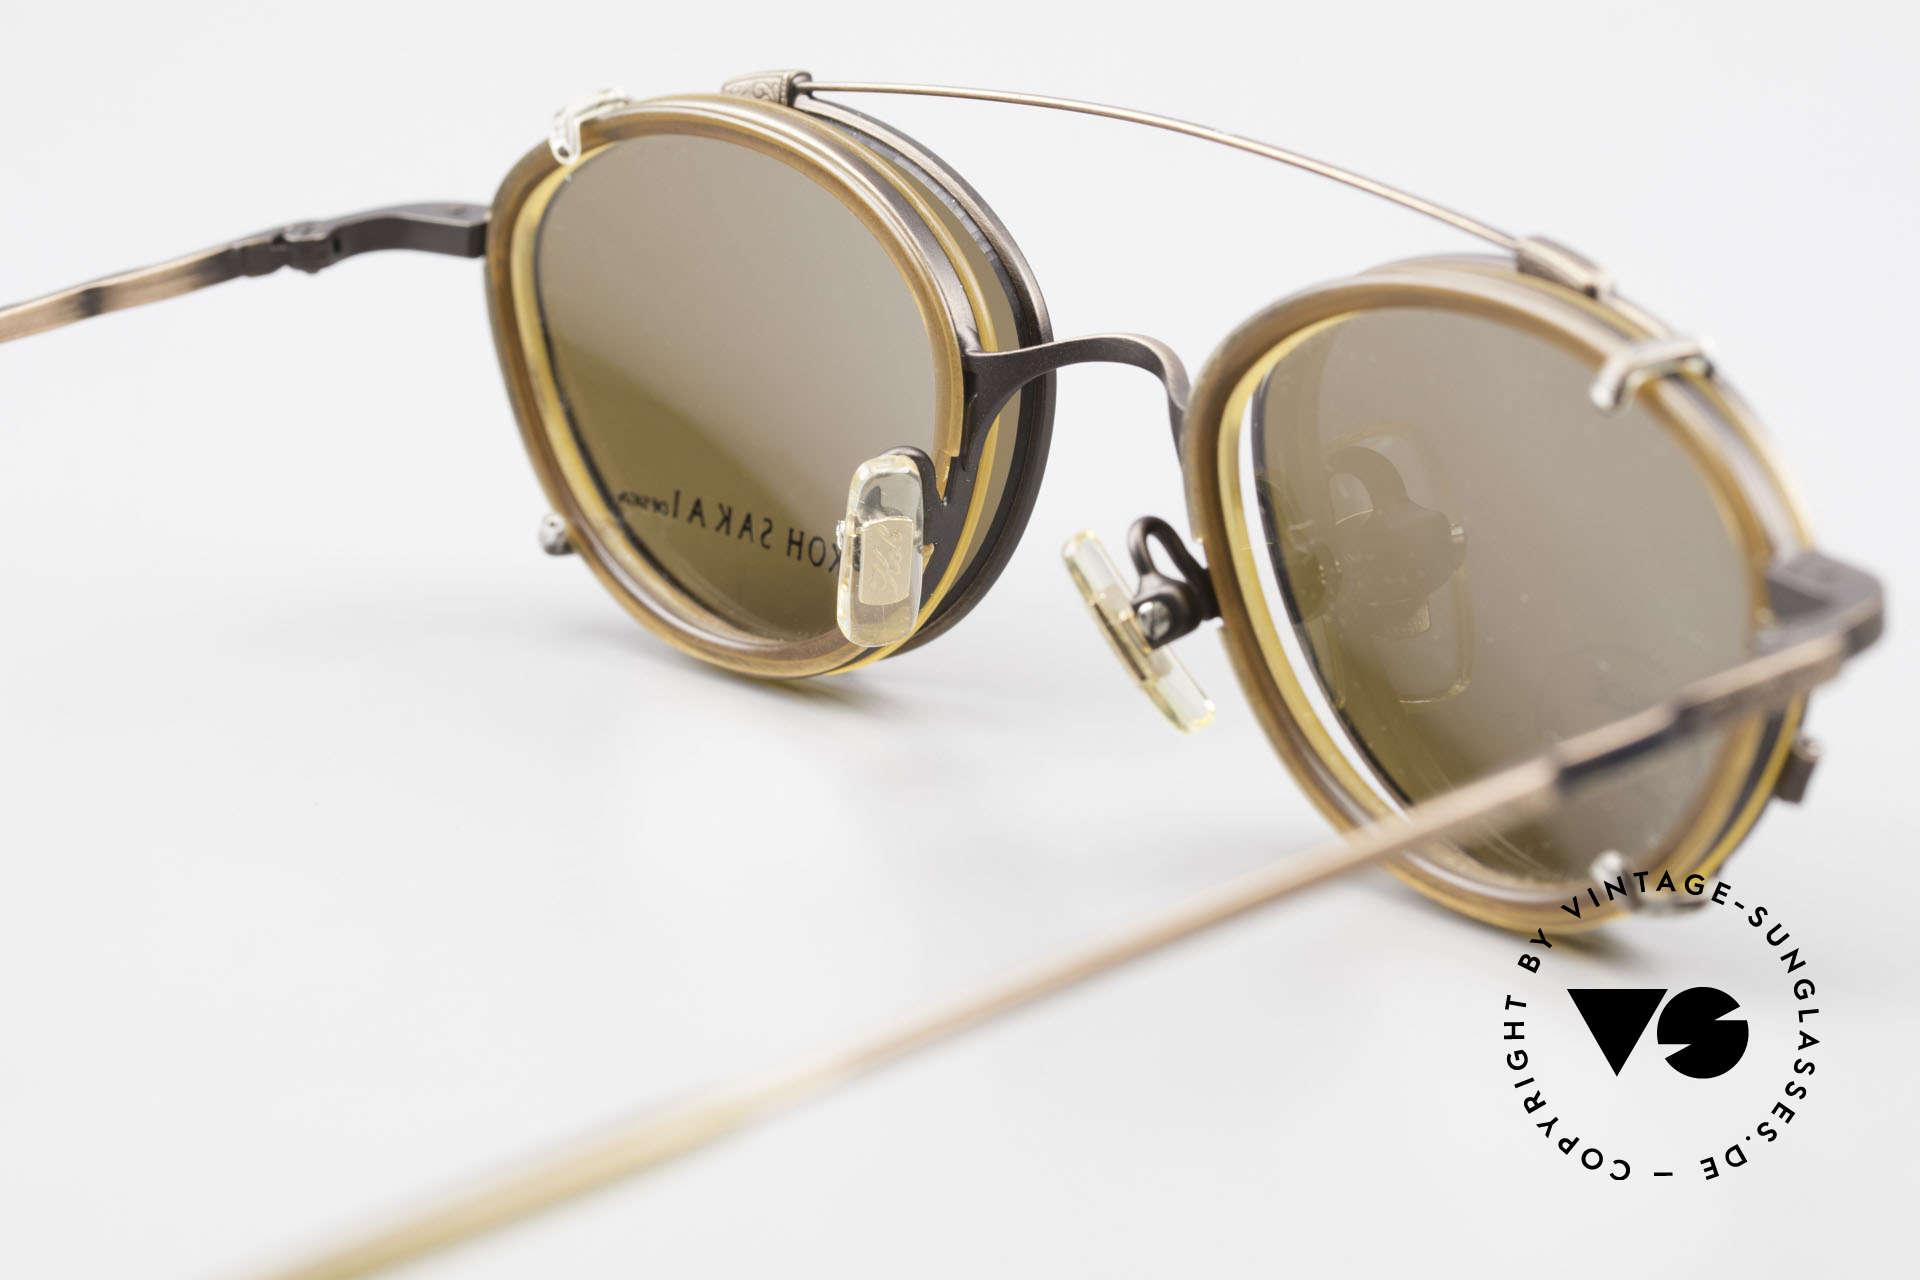 Koh Sakai KS9832 Vintage Brille Mit SonnenClip, ungetragen (wie alle unsere alten LA + Sabae Brillen), Passend für Herren und Damen